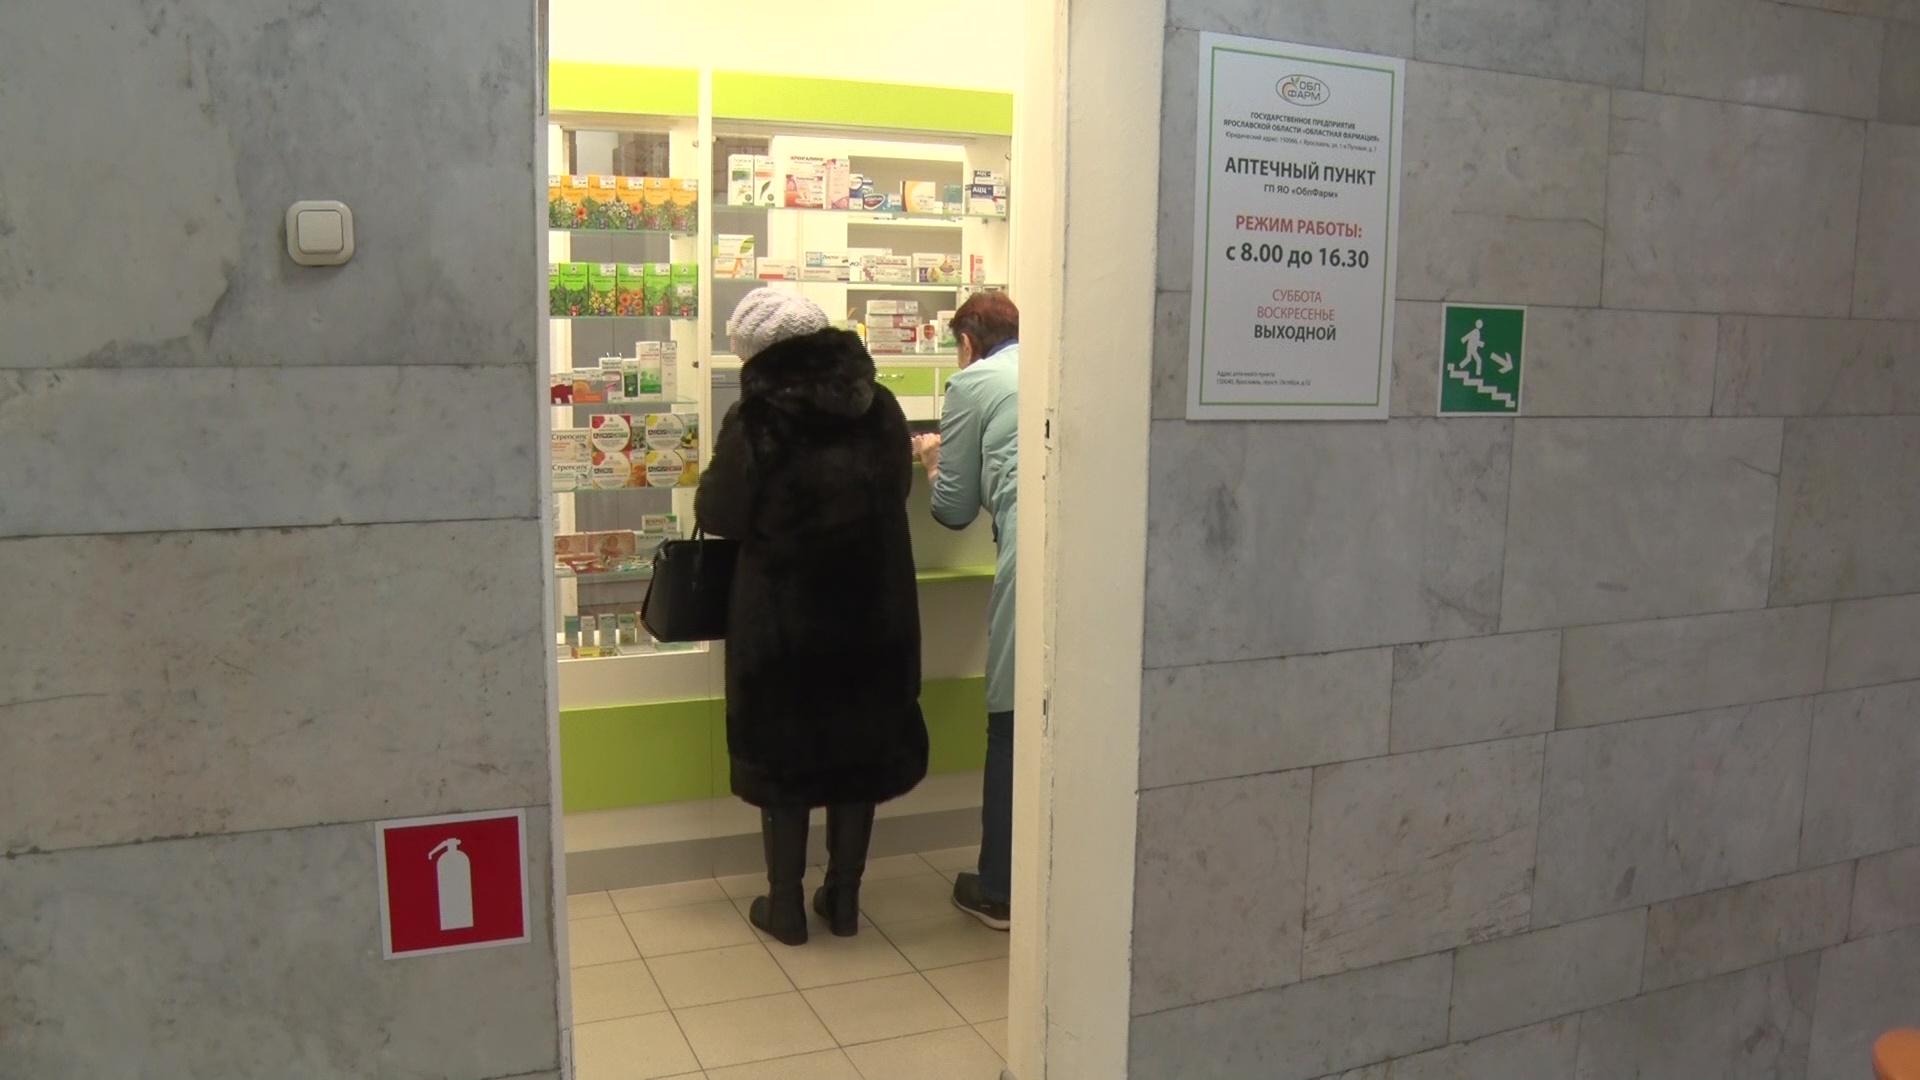 В Дзержинском районе в третьей поликлинике завершается капитальный ремонт аптечного пункта